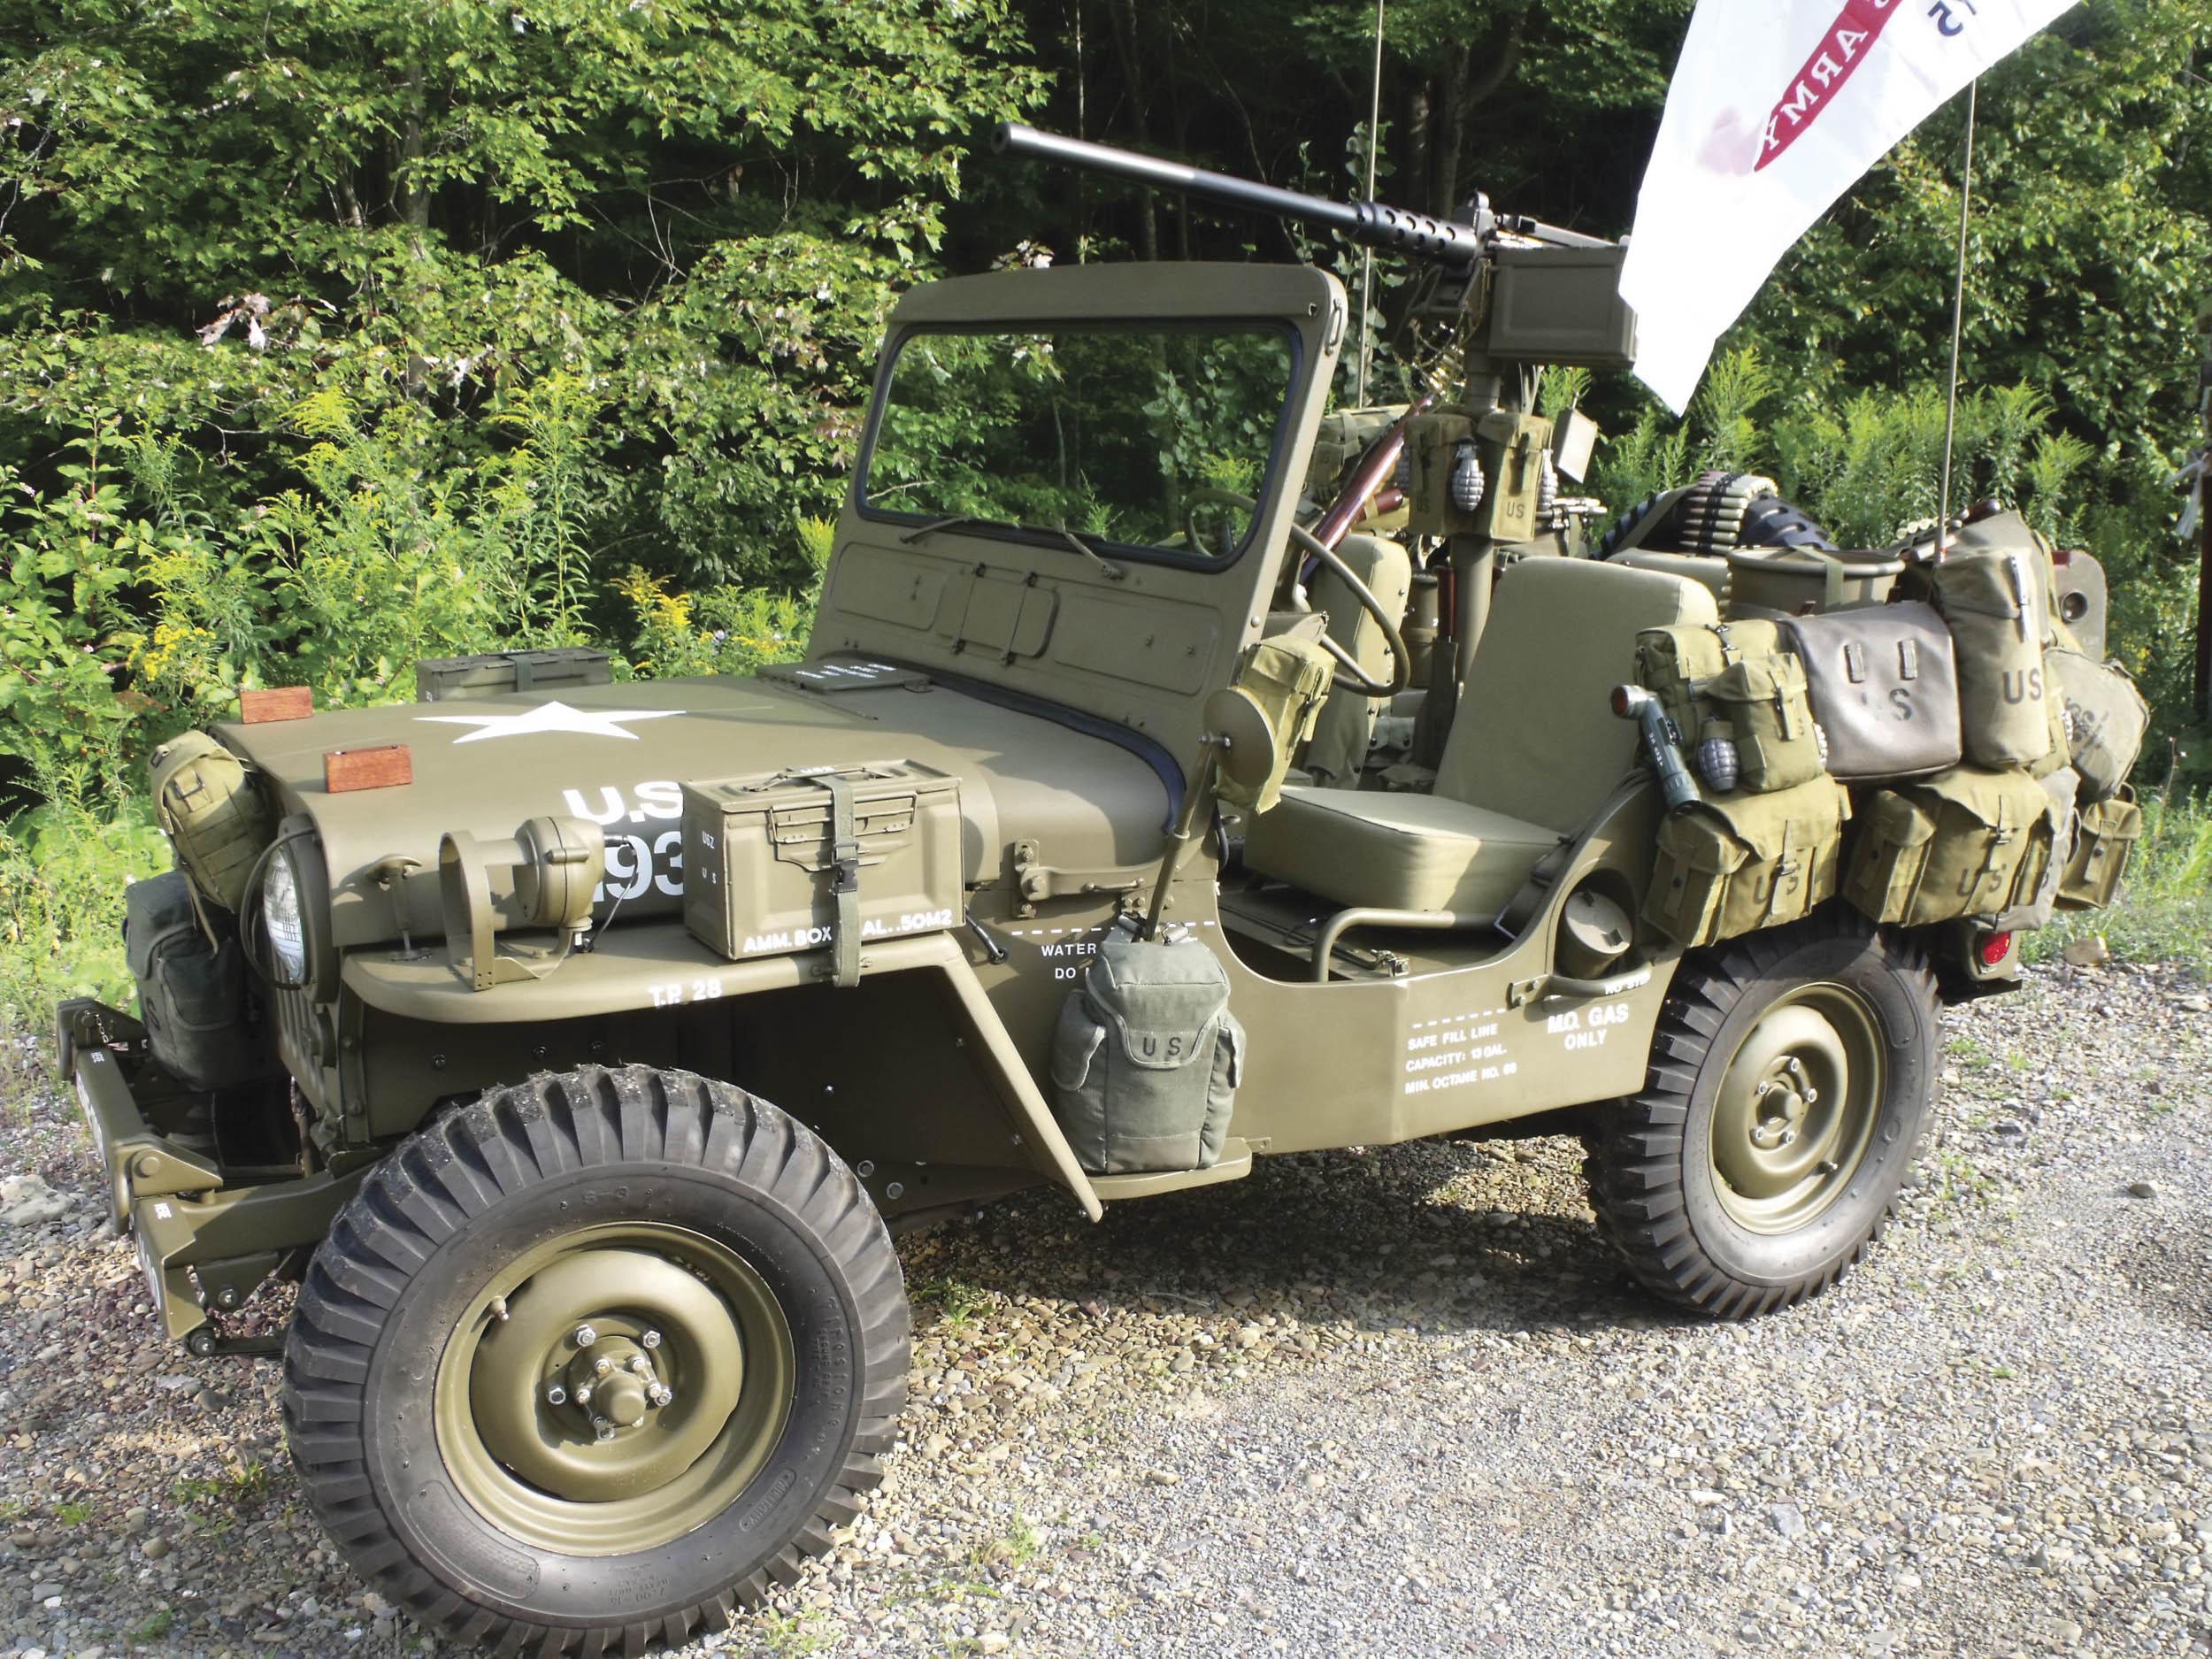 1952 Willys M38 Korean War Jeep